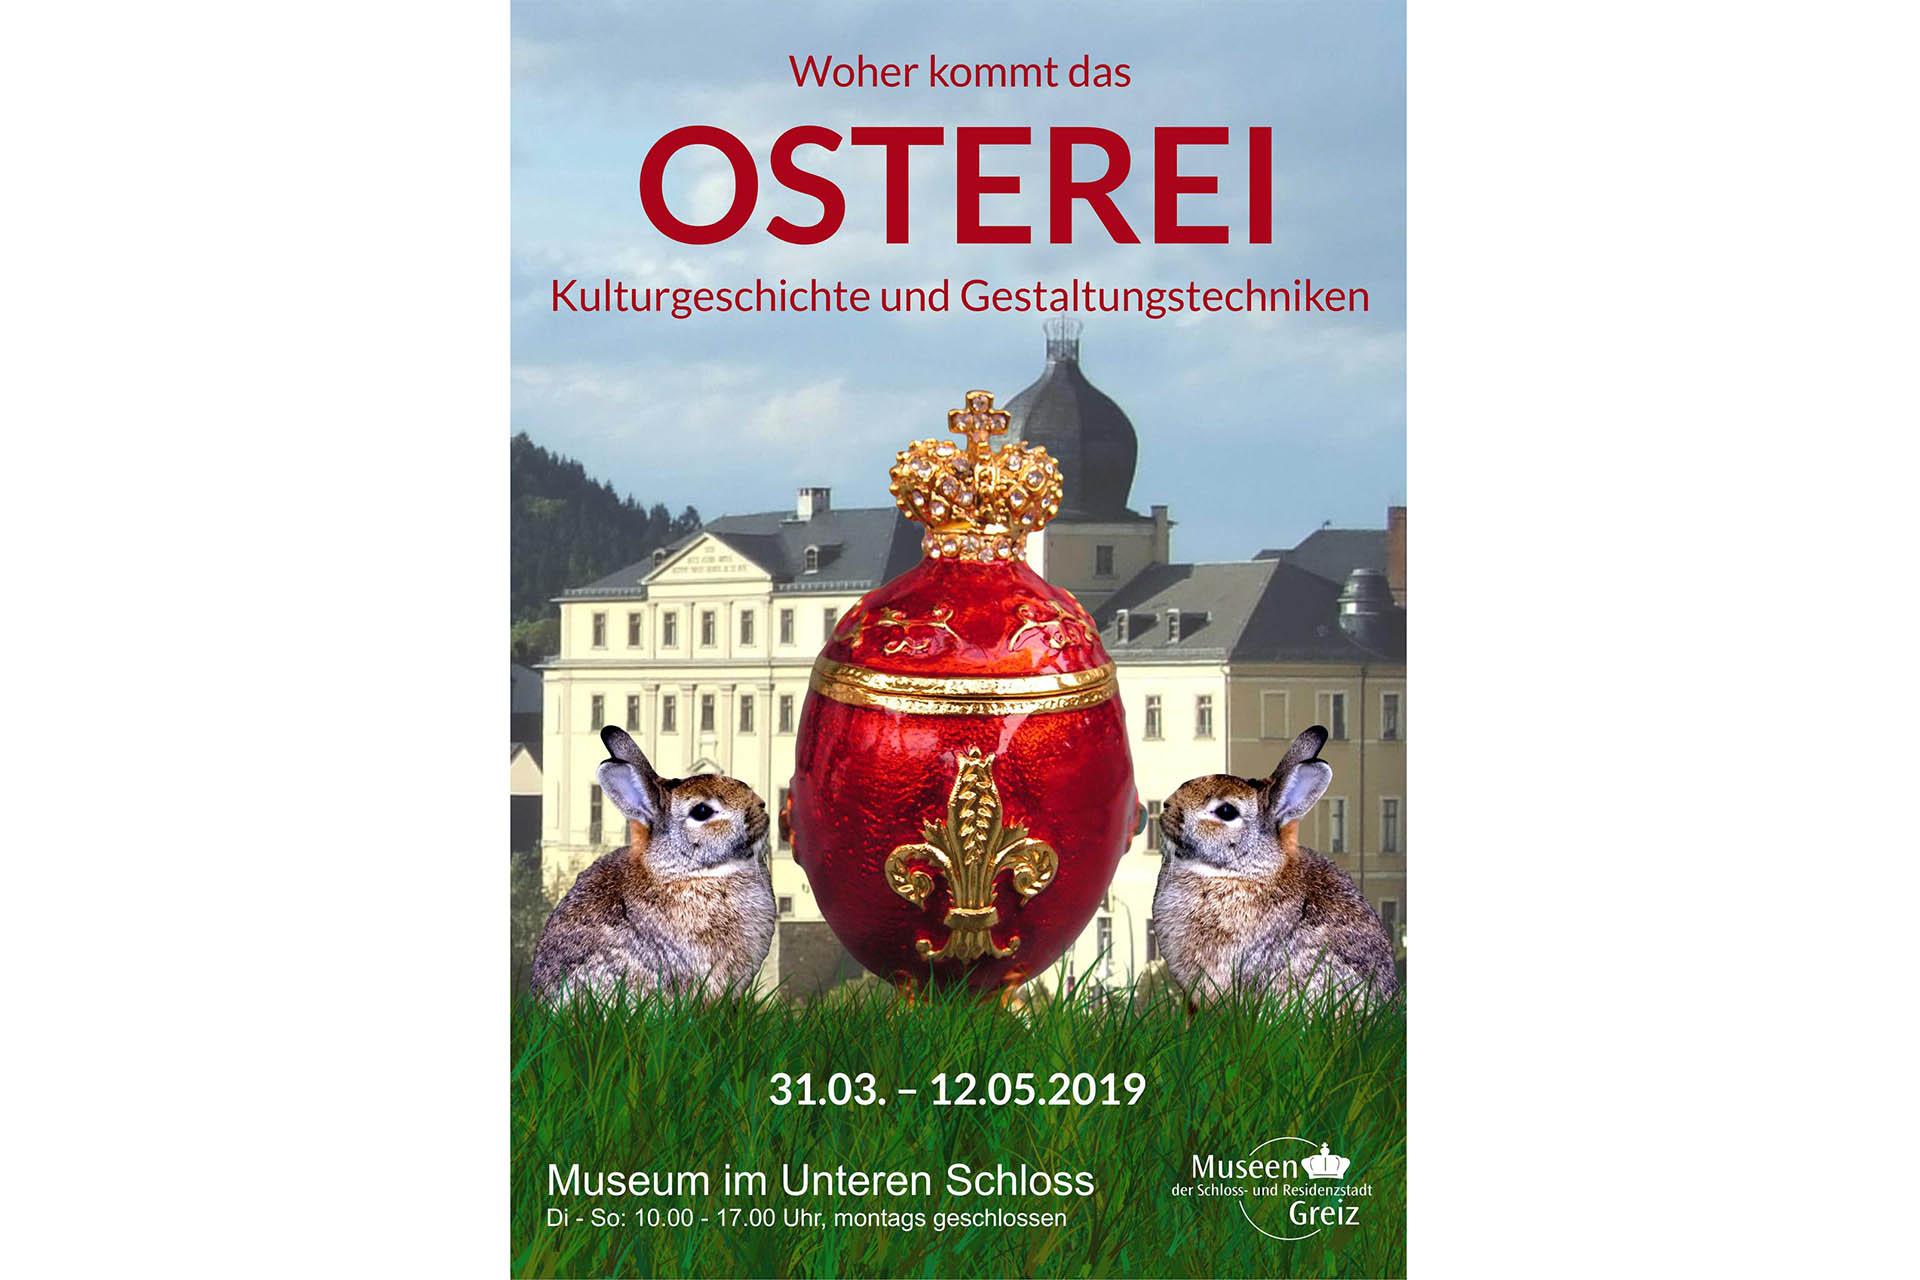 Museum im Unteren Schloss Greiz: WOHER KOMMT DAS OSTEREI?